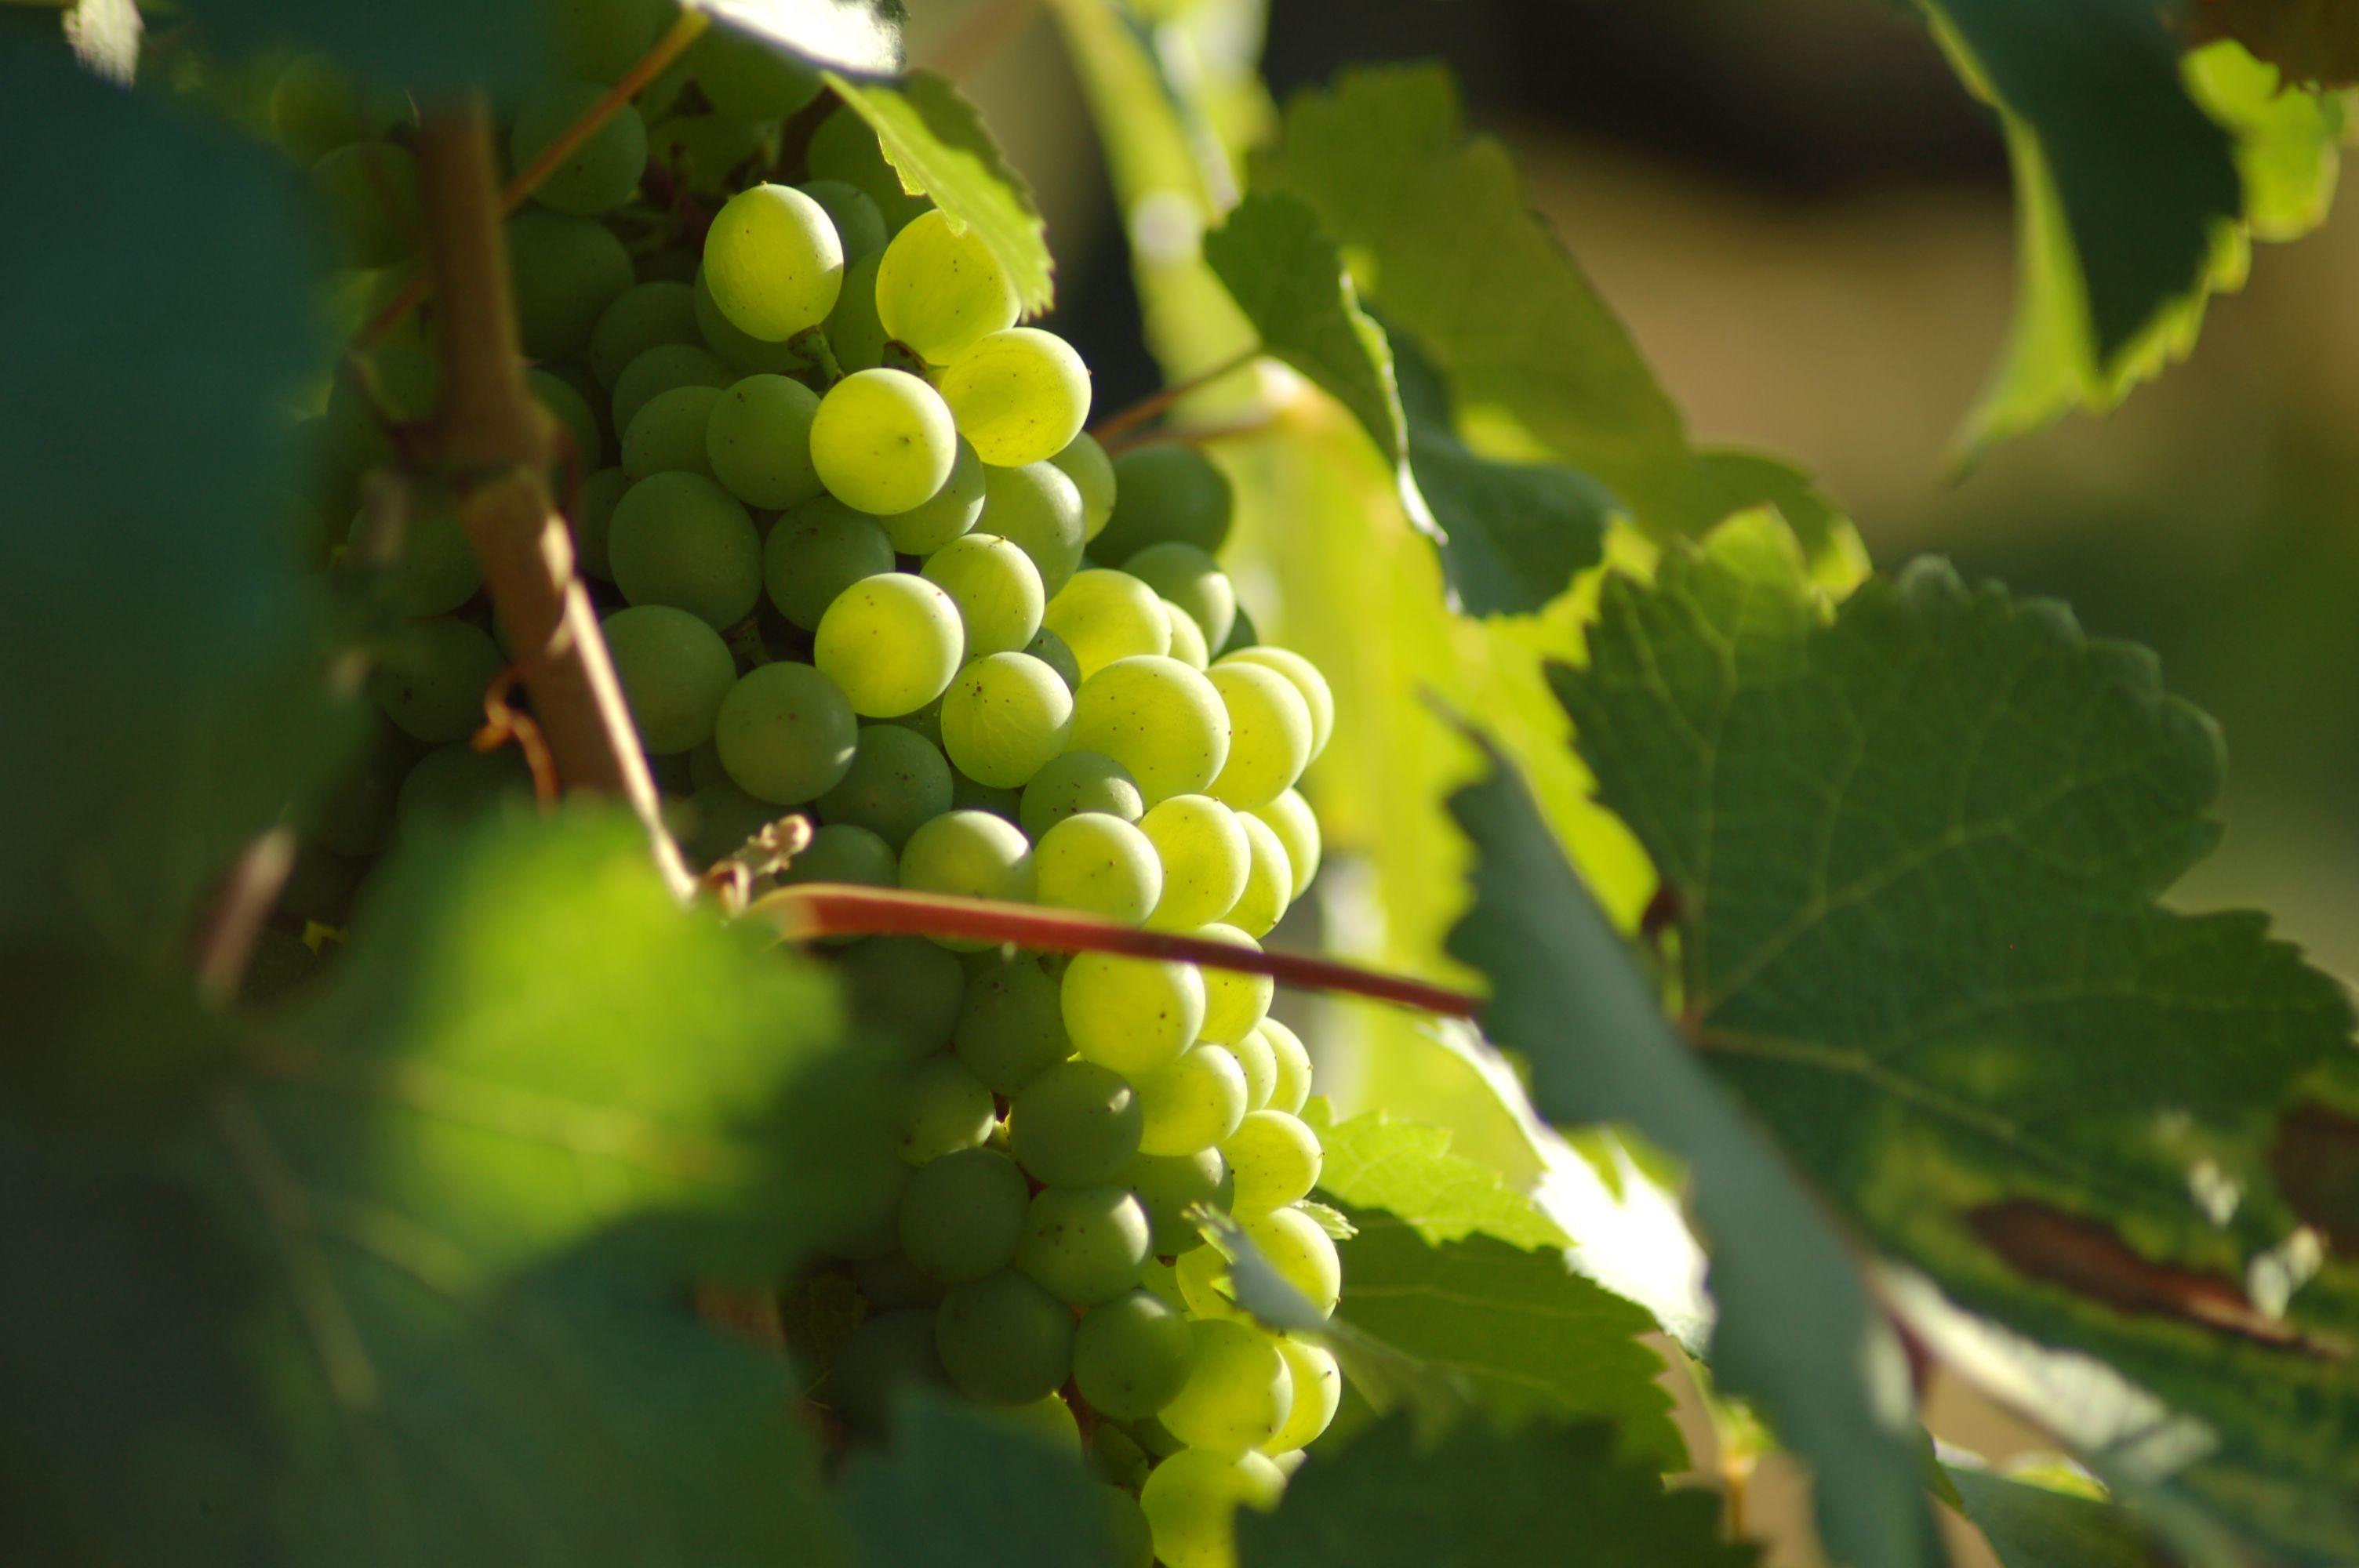 Grappe de raisin provenant d'une vigne de Loire-Atlantique